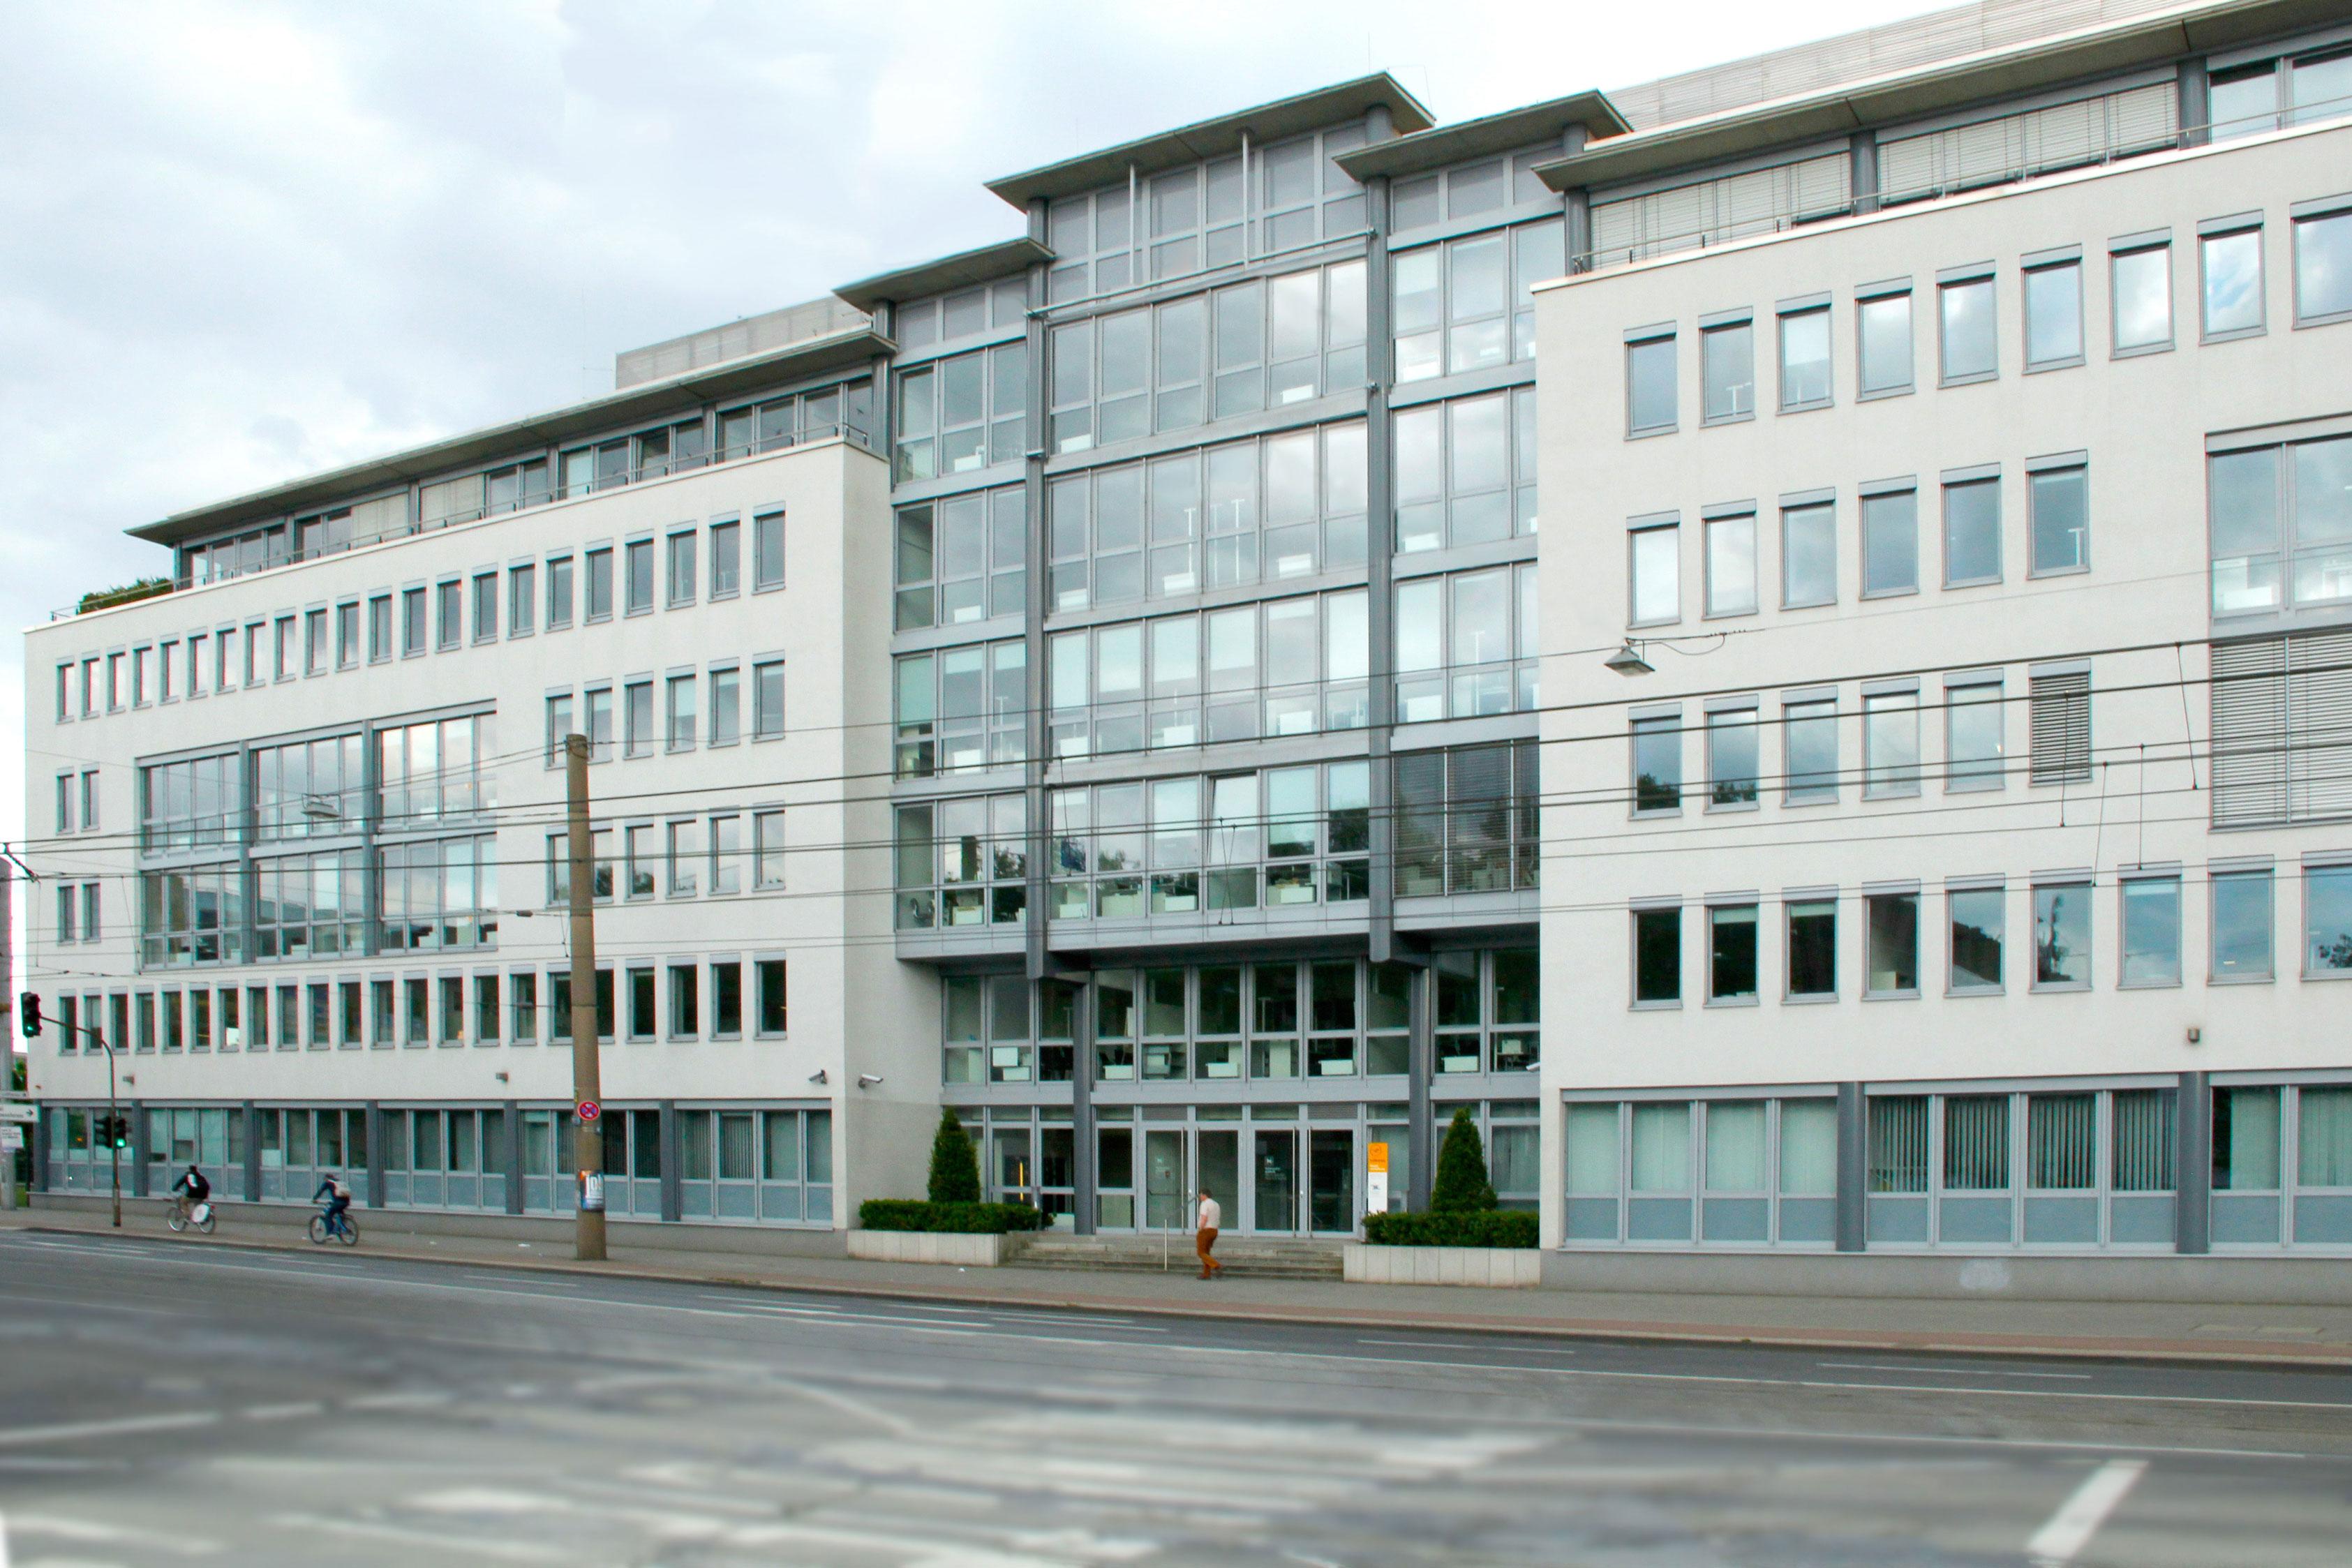 Bundesamt für Familie und zivilgesellschaftliche Aufgaben Köln - Außenansicht